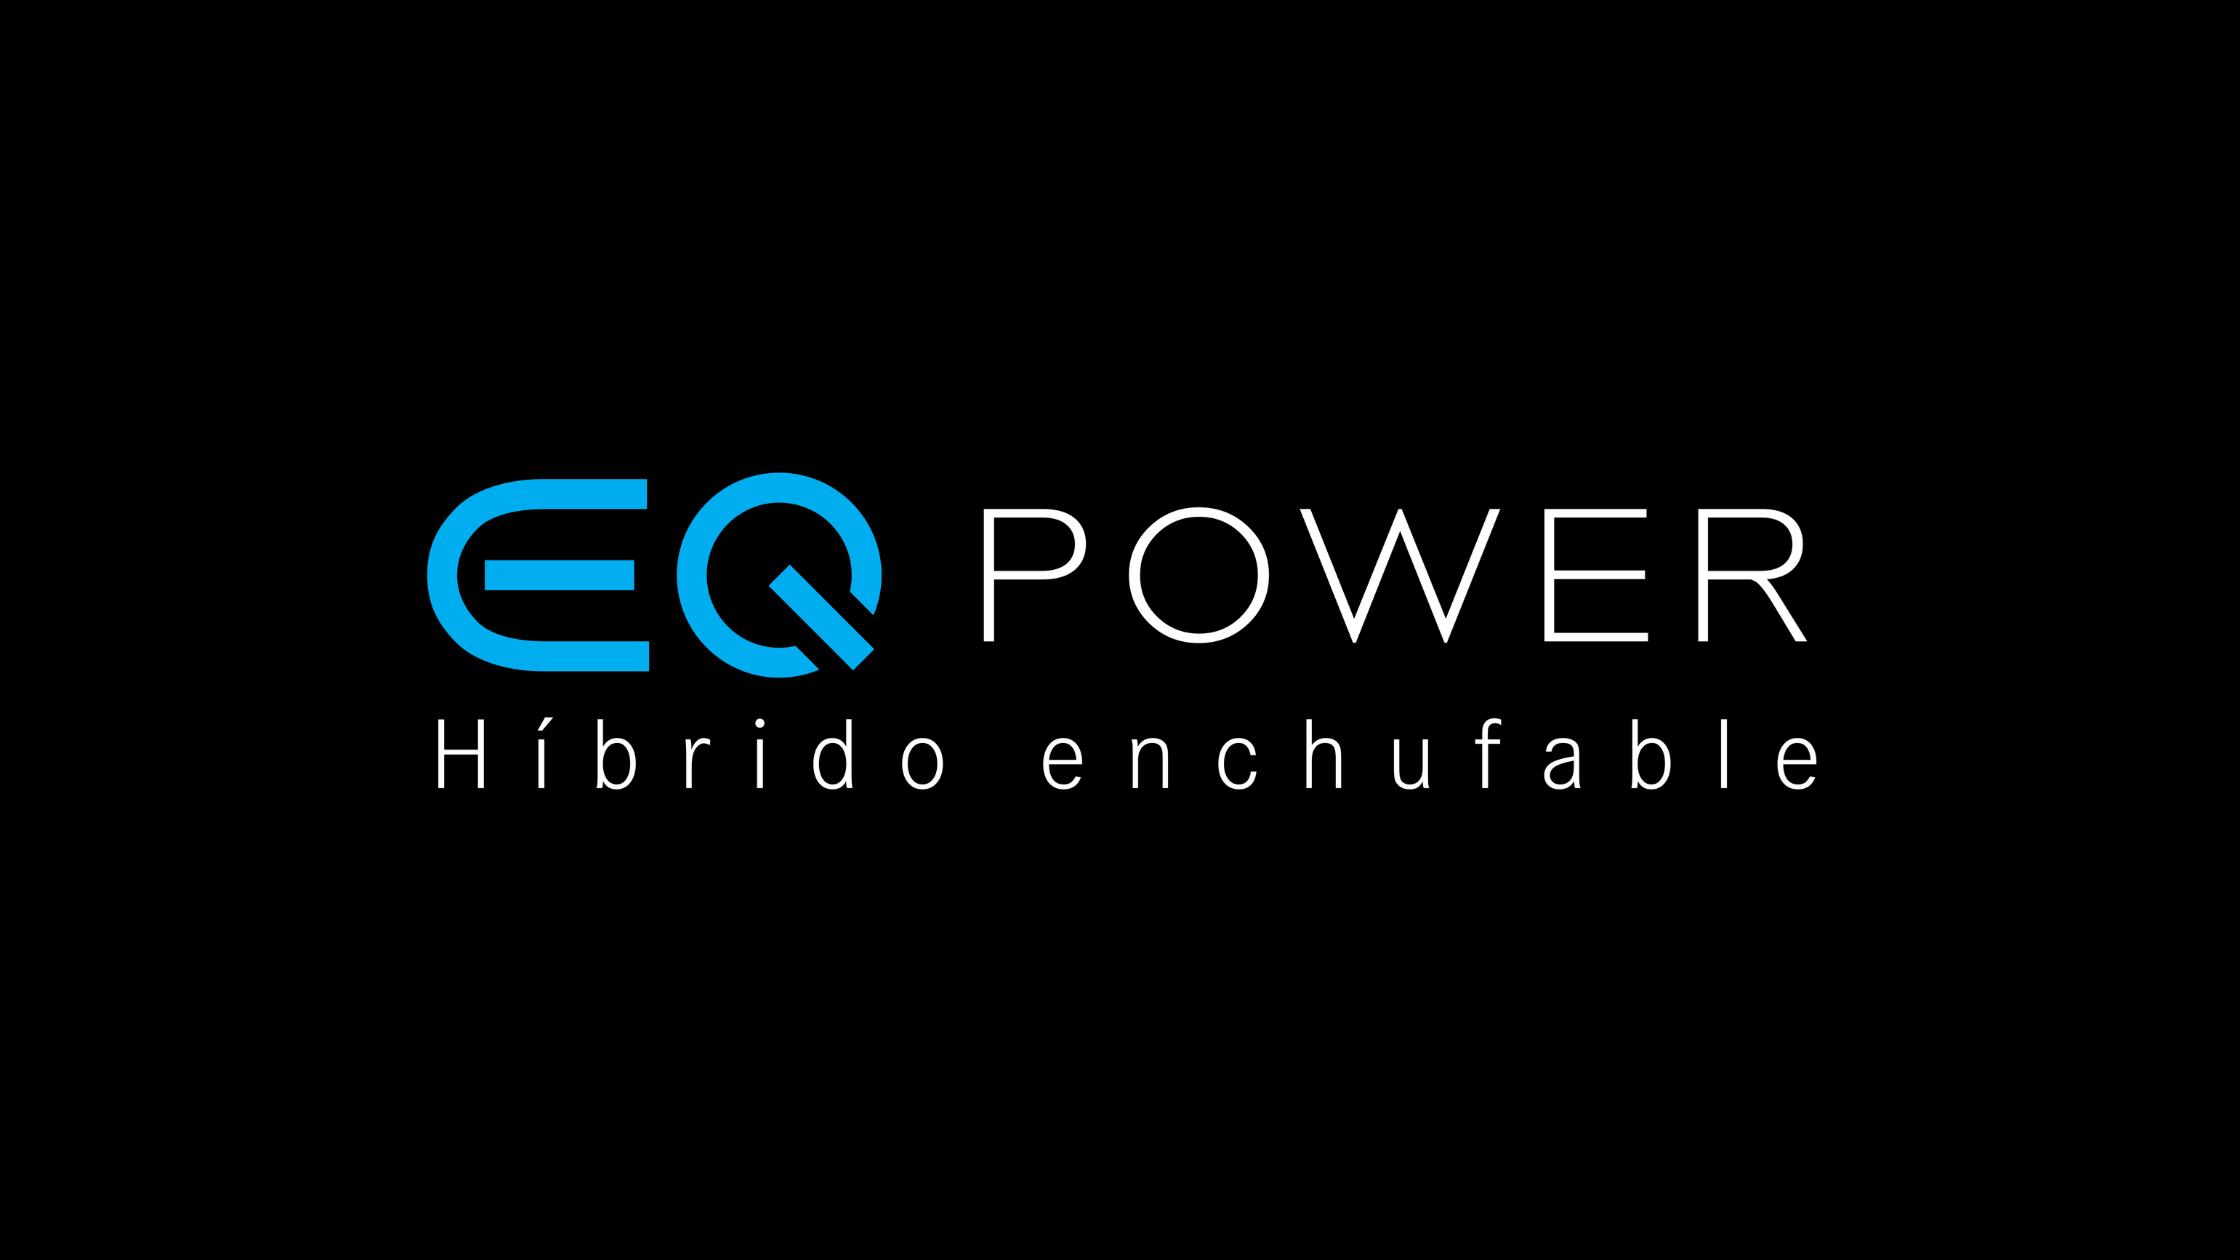 eq power